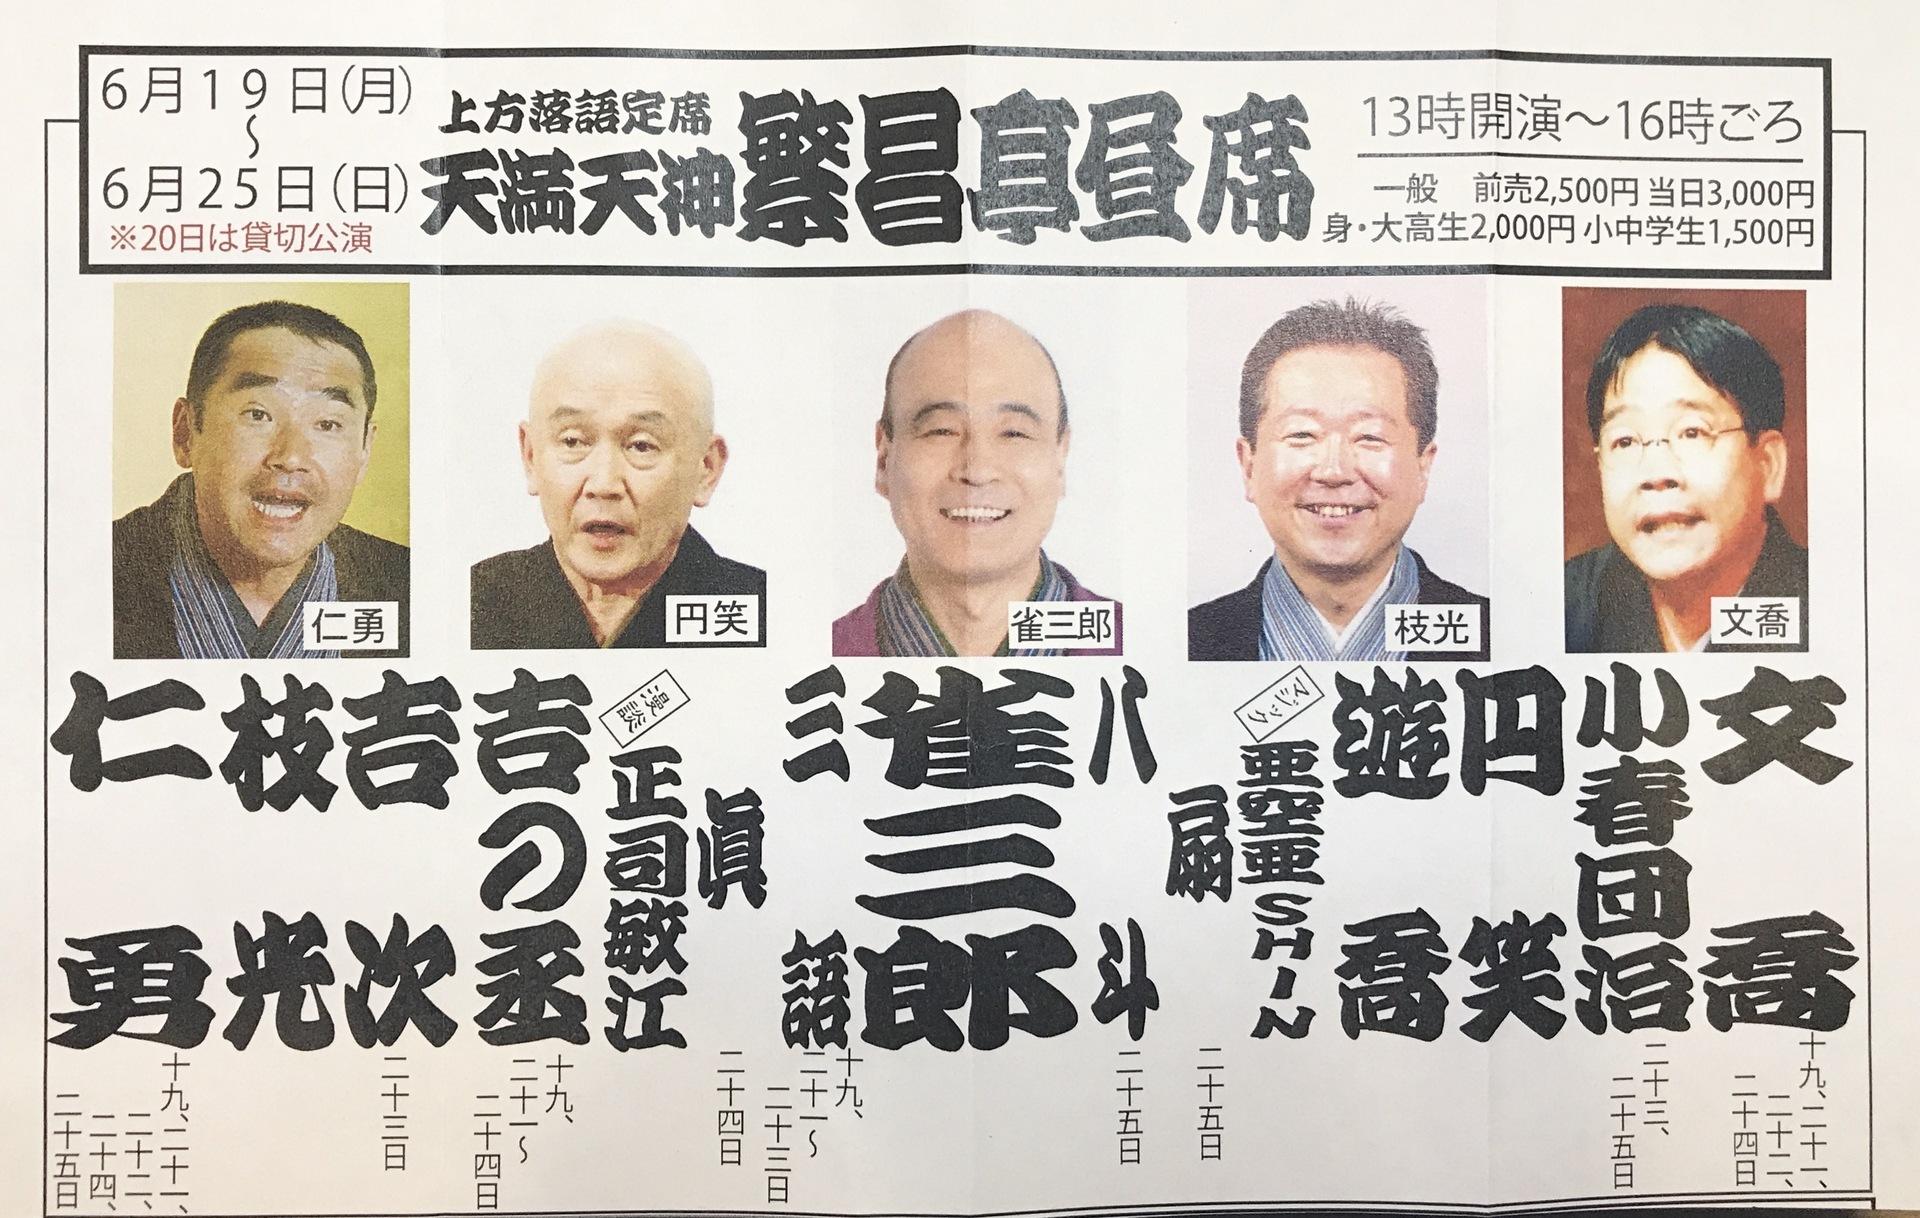 寄席: (2) 笑福亭円笑公式ブログ...